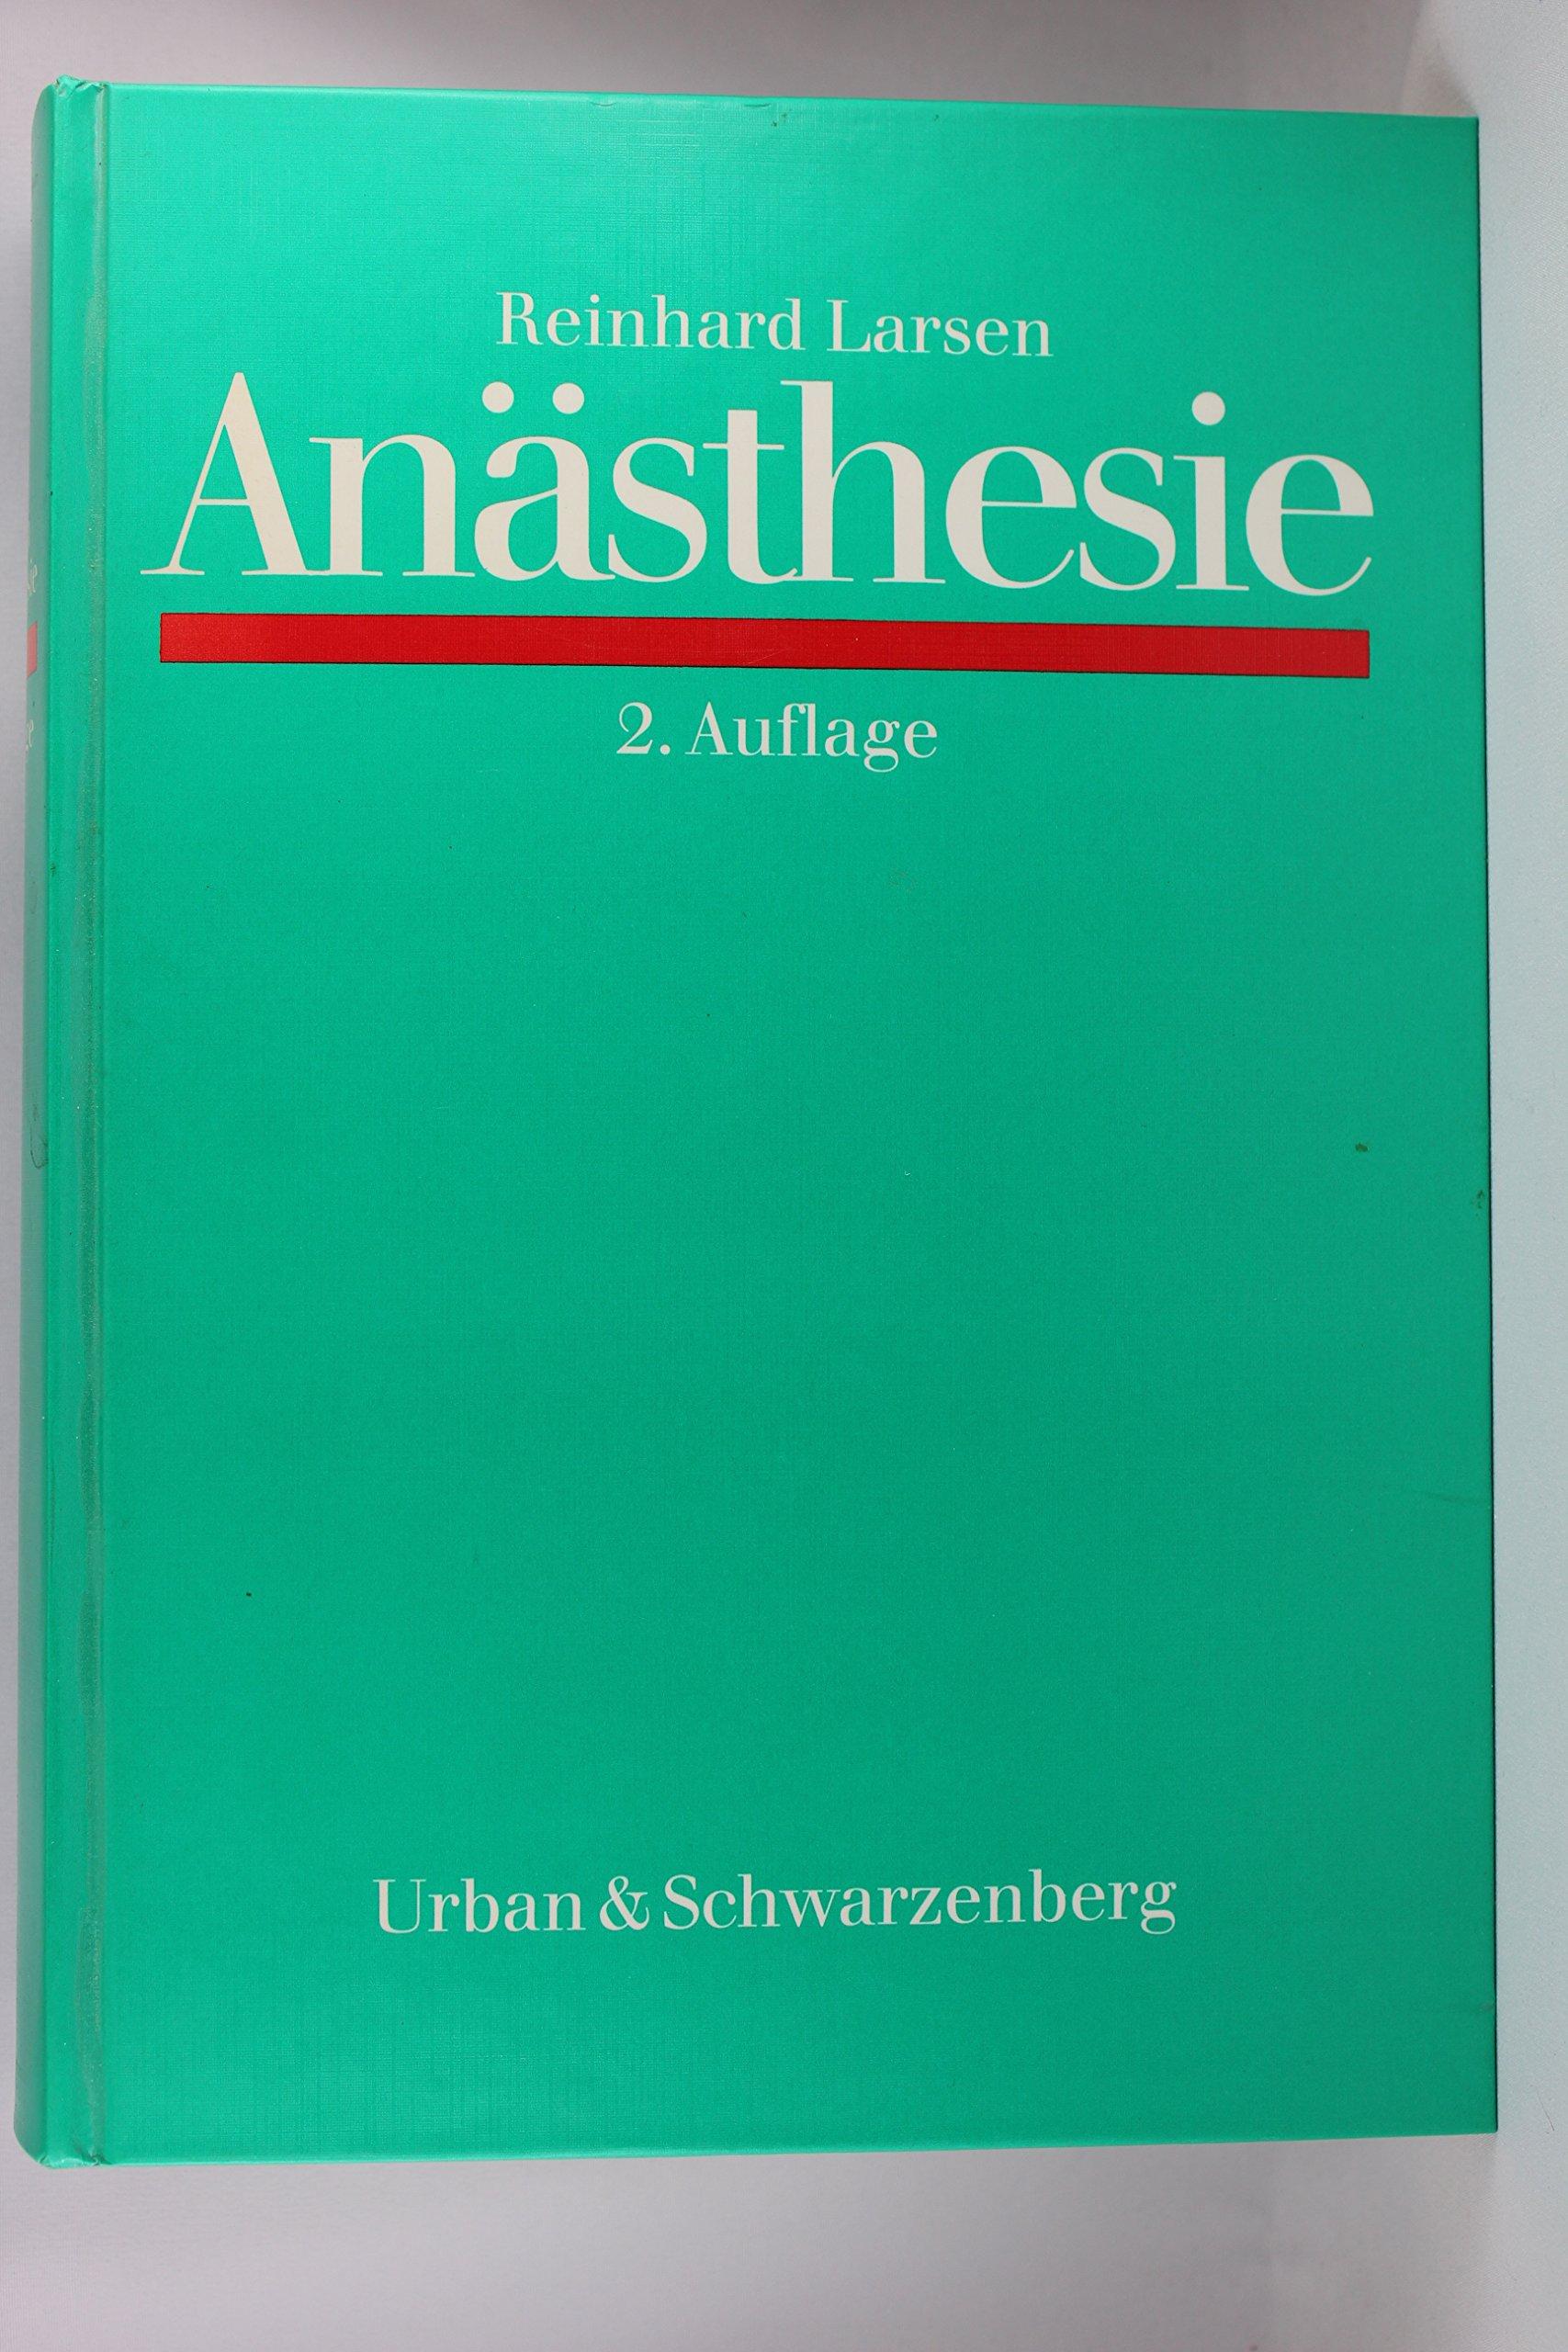 Anästhesie: Amazon.de: Bücher